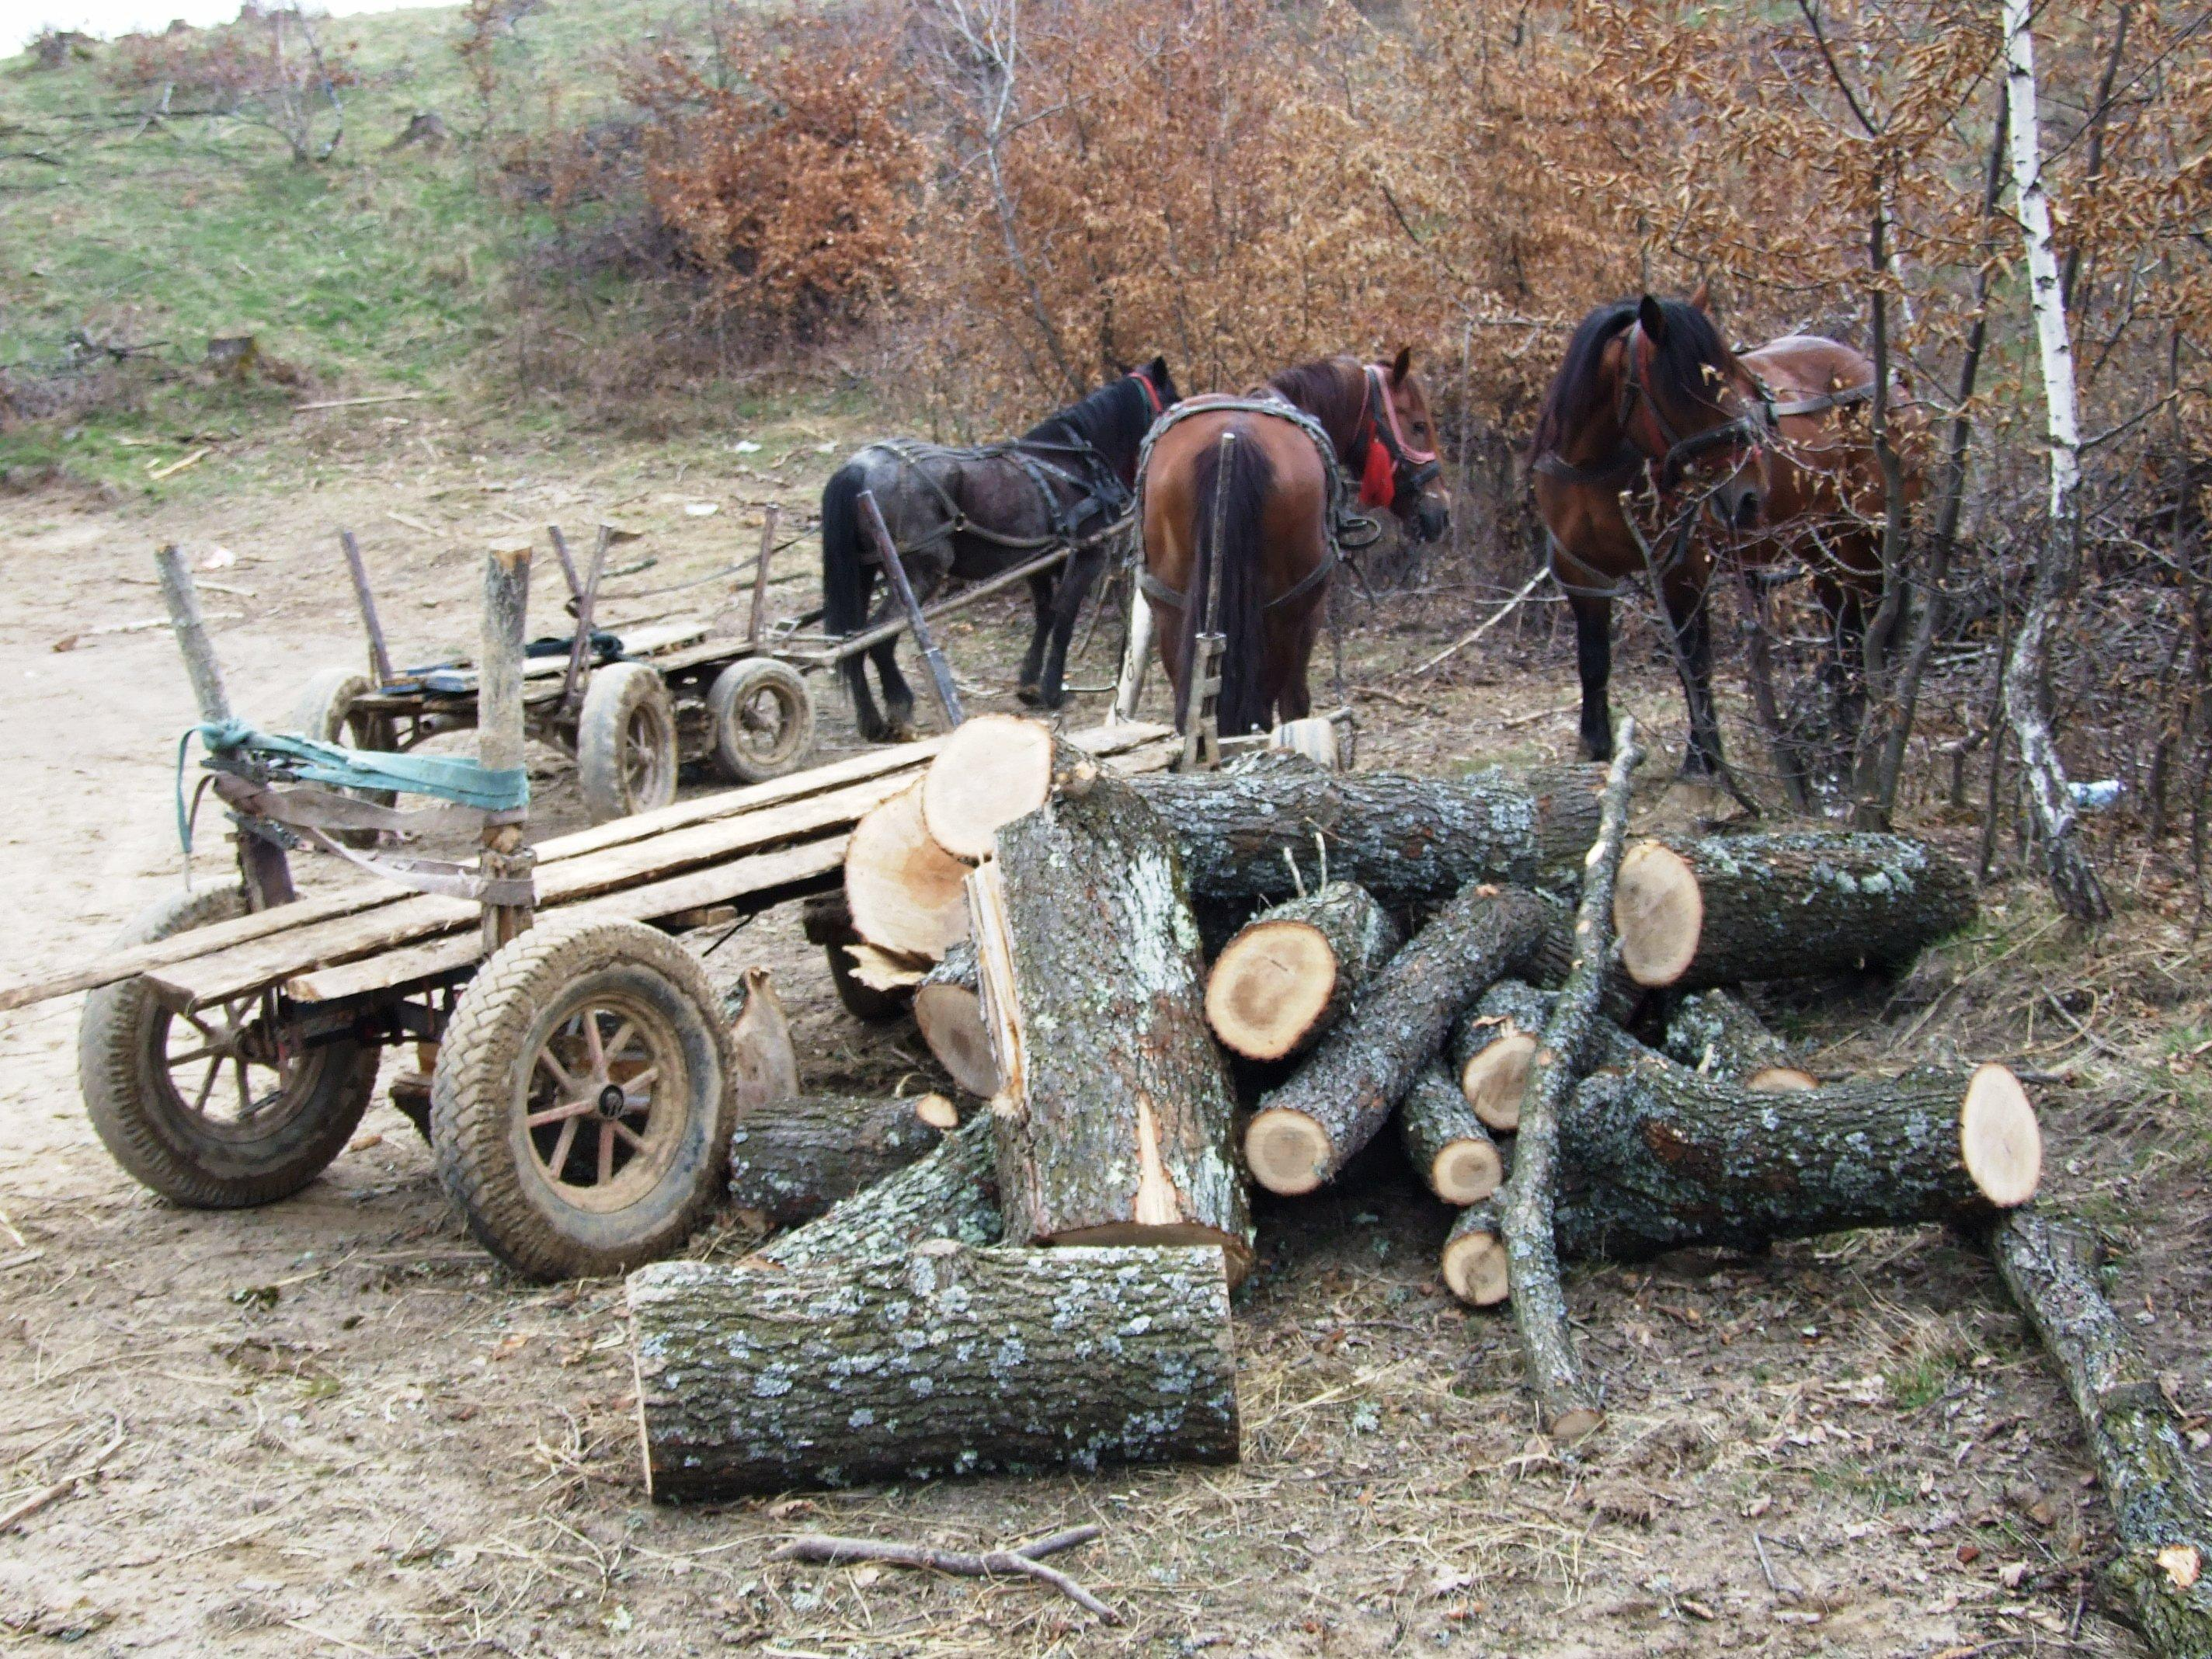 Cât de mult se defrișează ilegal la Cluj? Polițiștii au confiscat lemne de peste 150.000 lei în doar o luna